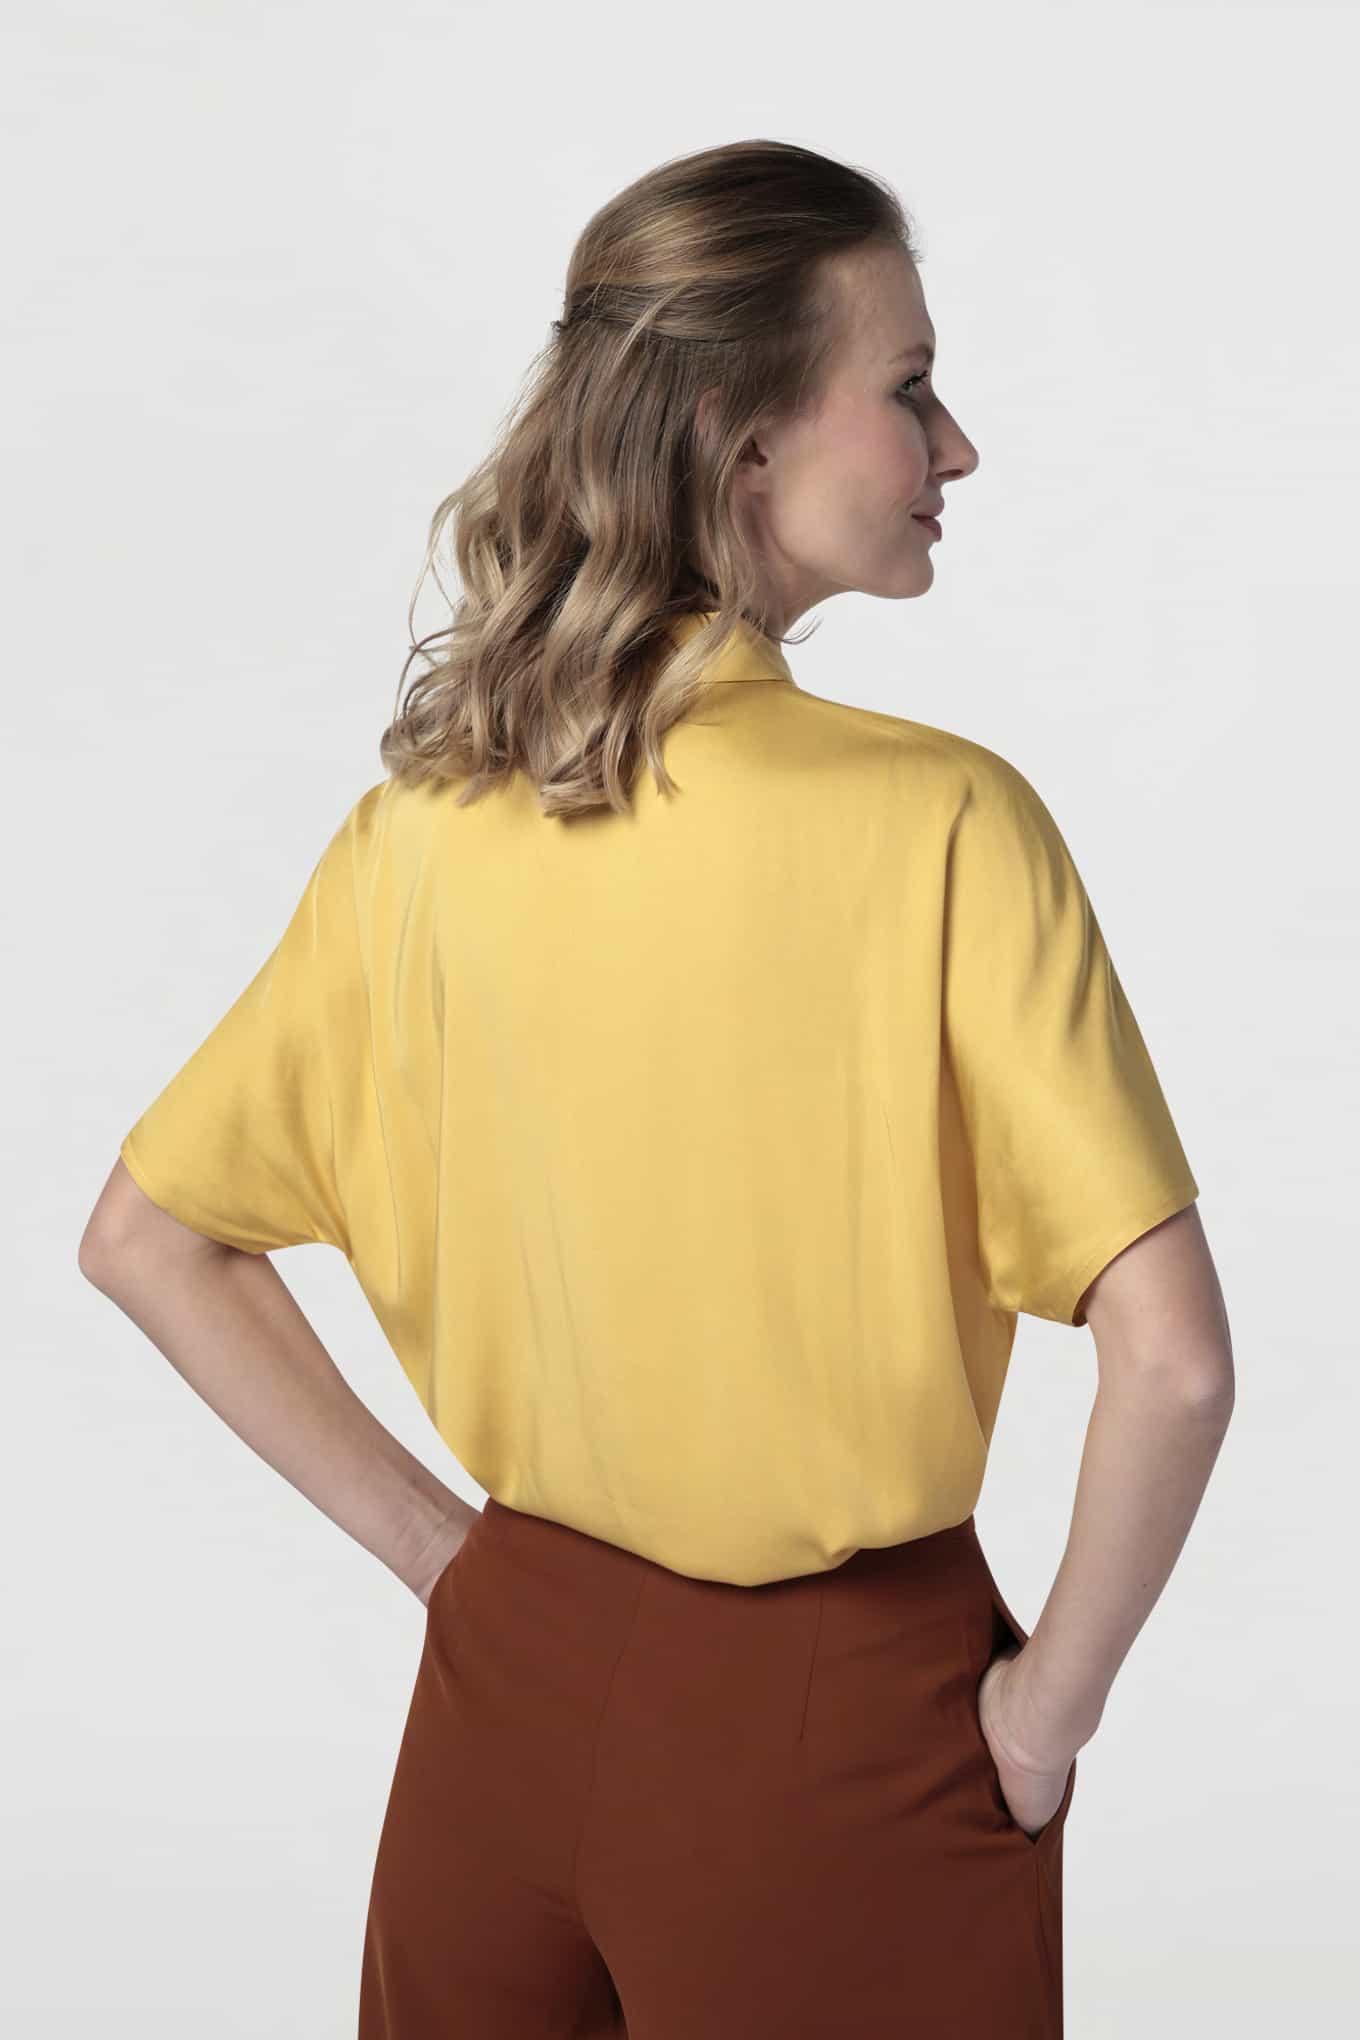 Blouse Yellow Fantasy Woman